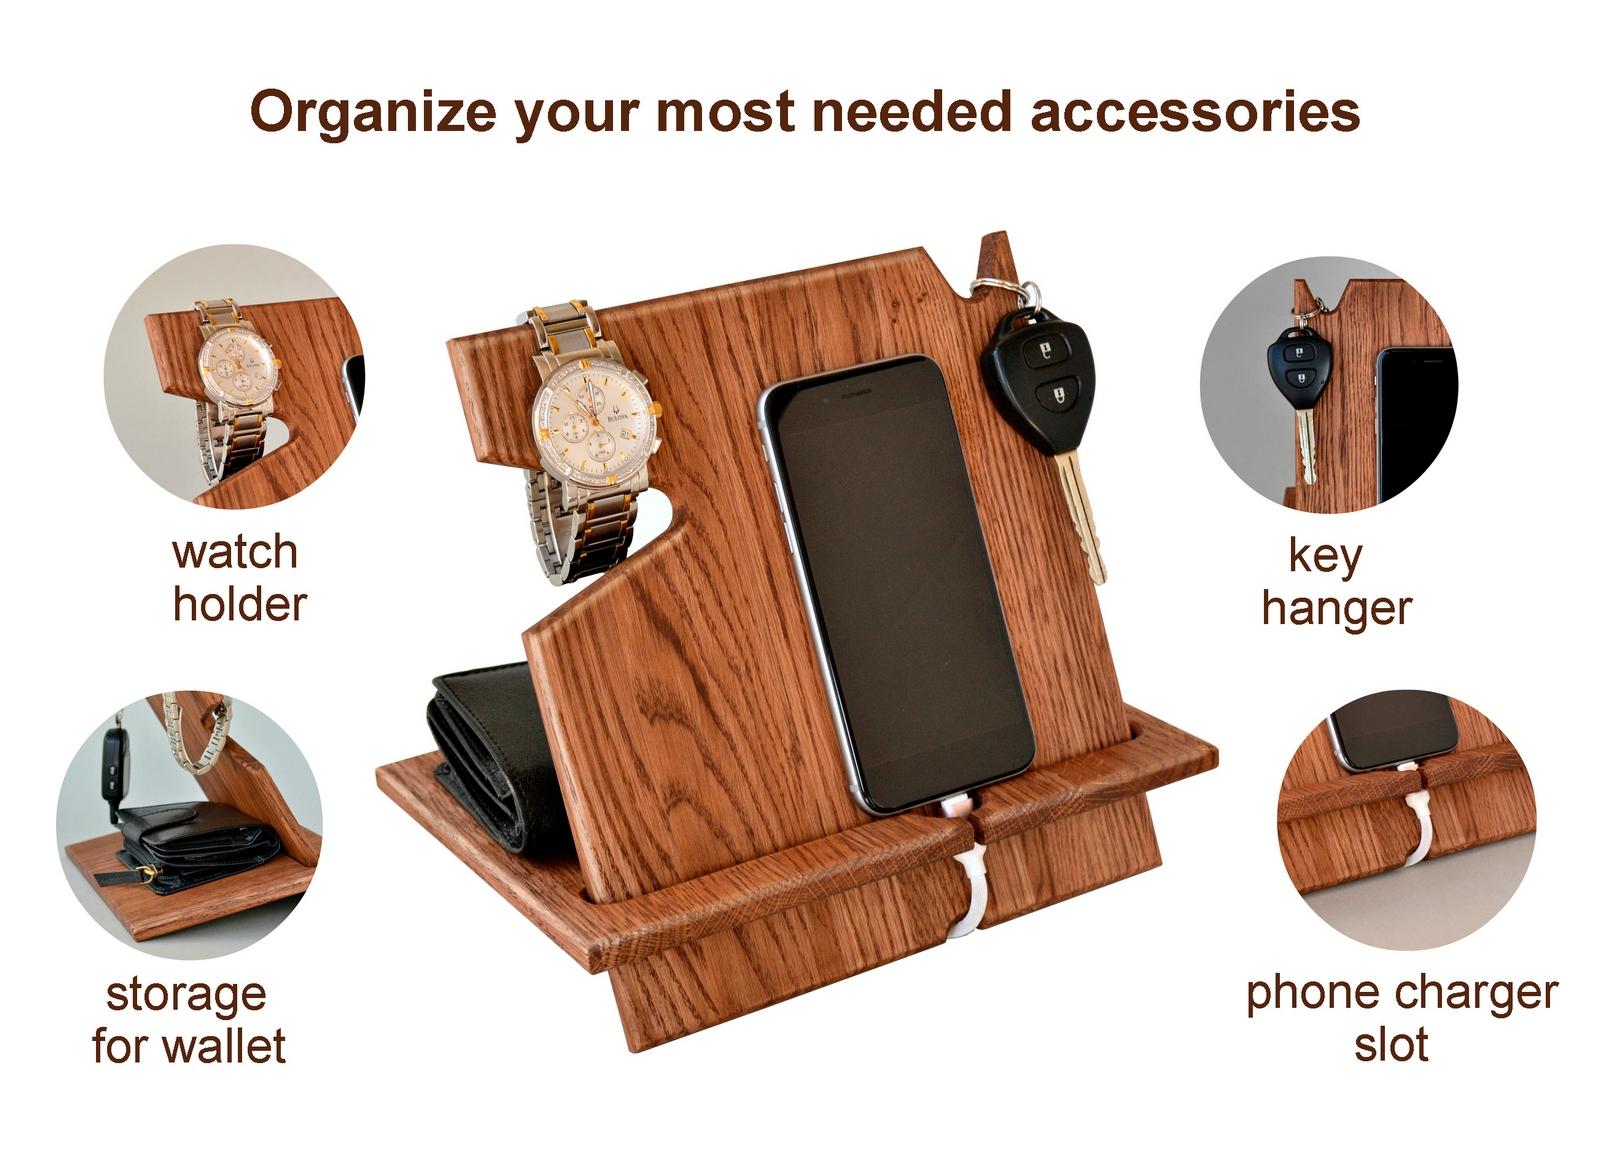 Buy Wood Phone Docking Station, Desk Organizer, Tablet